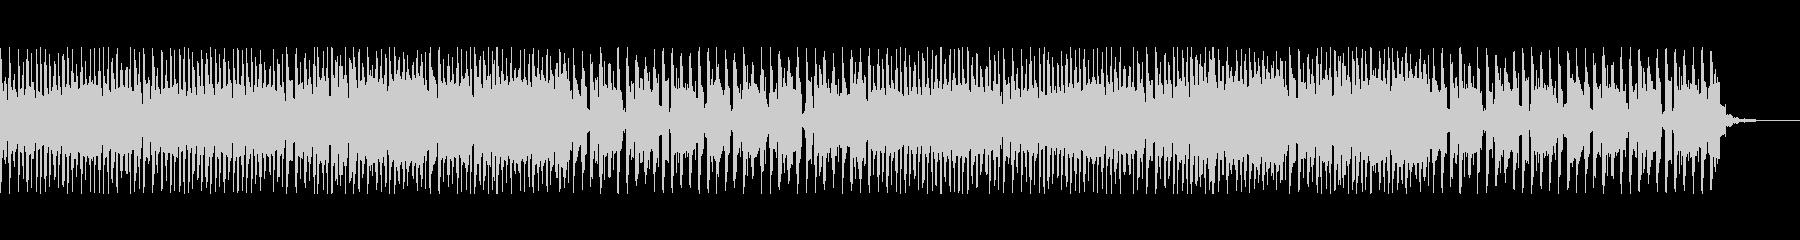 ほのぼのした日常のフルートメロディーの未再生の波形